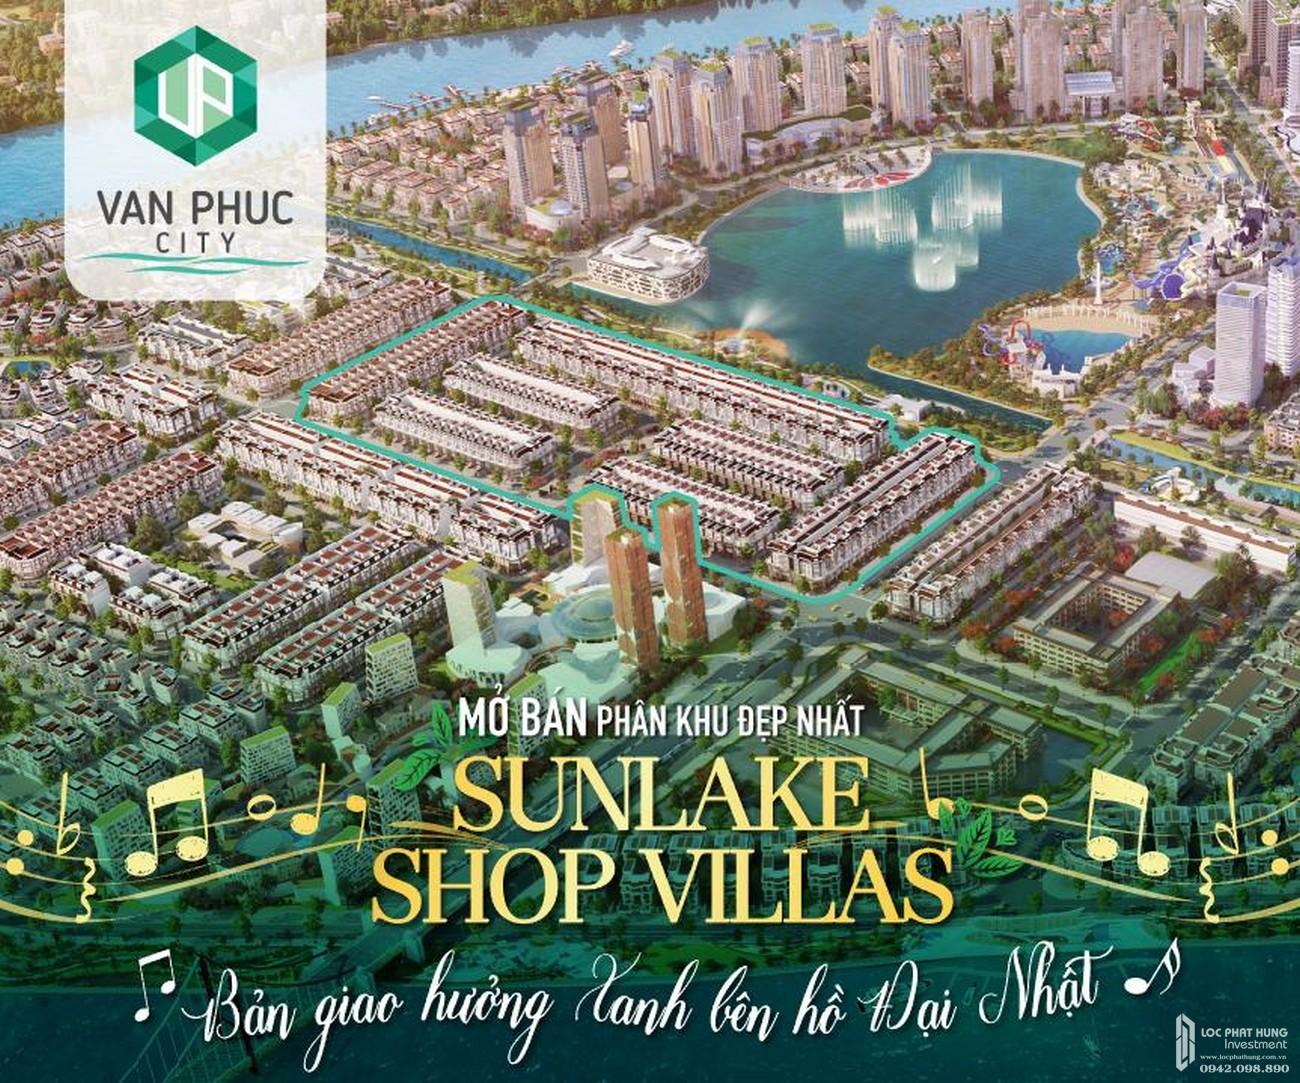 Mở bán Sunlake Shop Villas phân khu đẹp nhất Vạn Phúc City